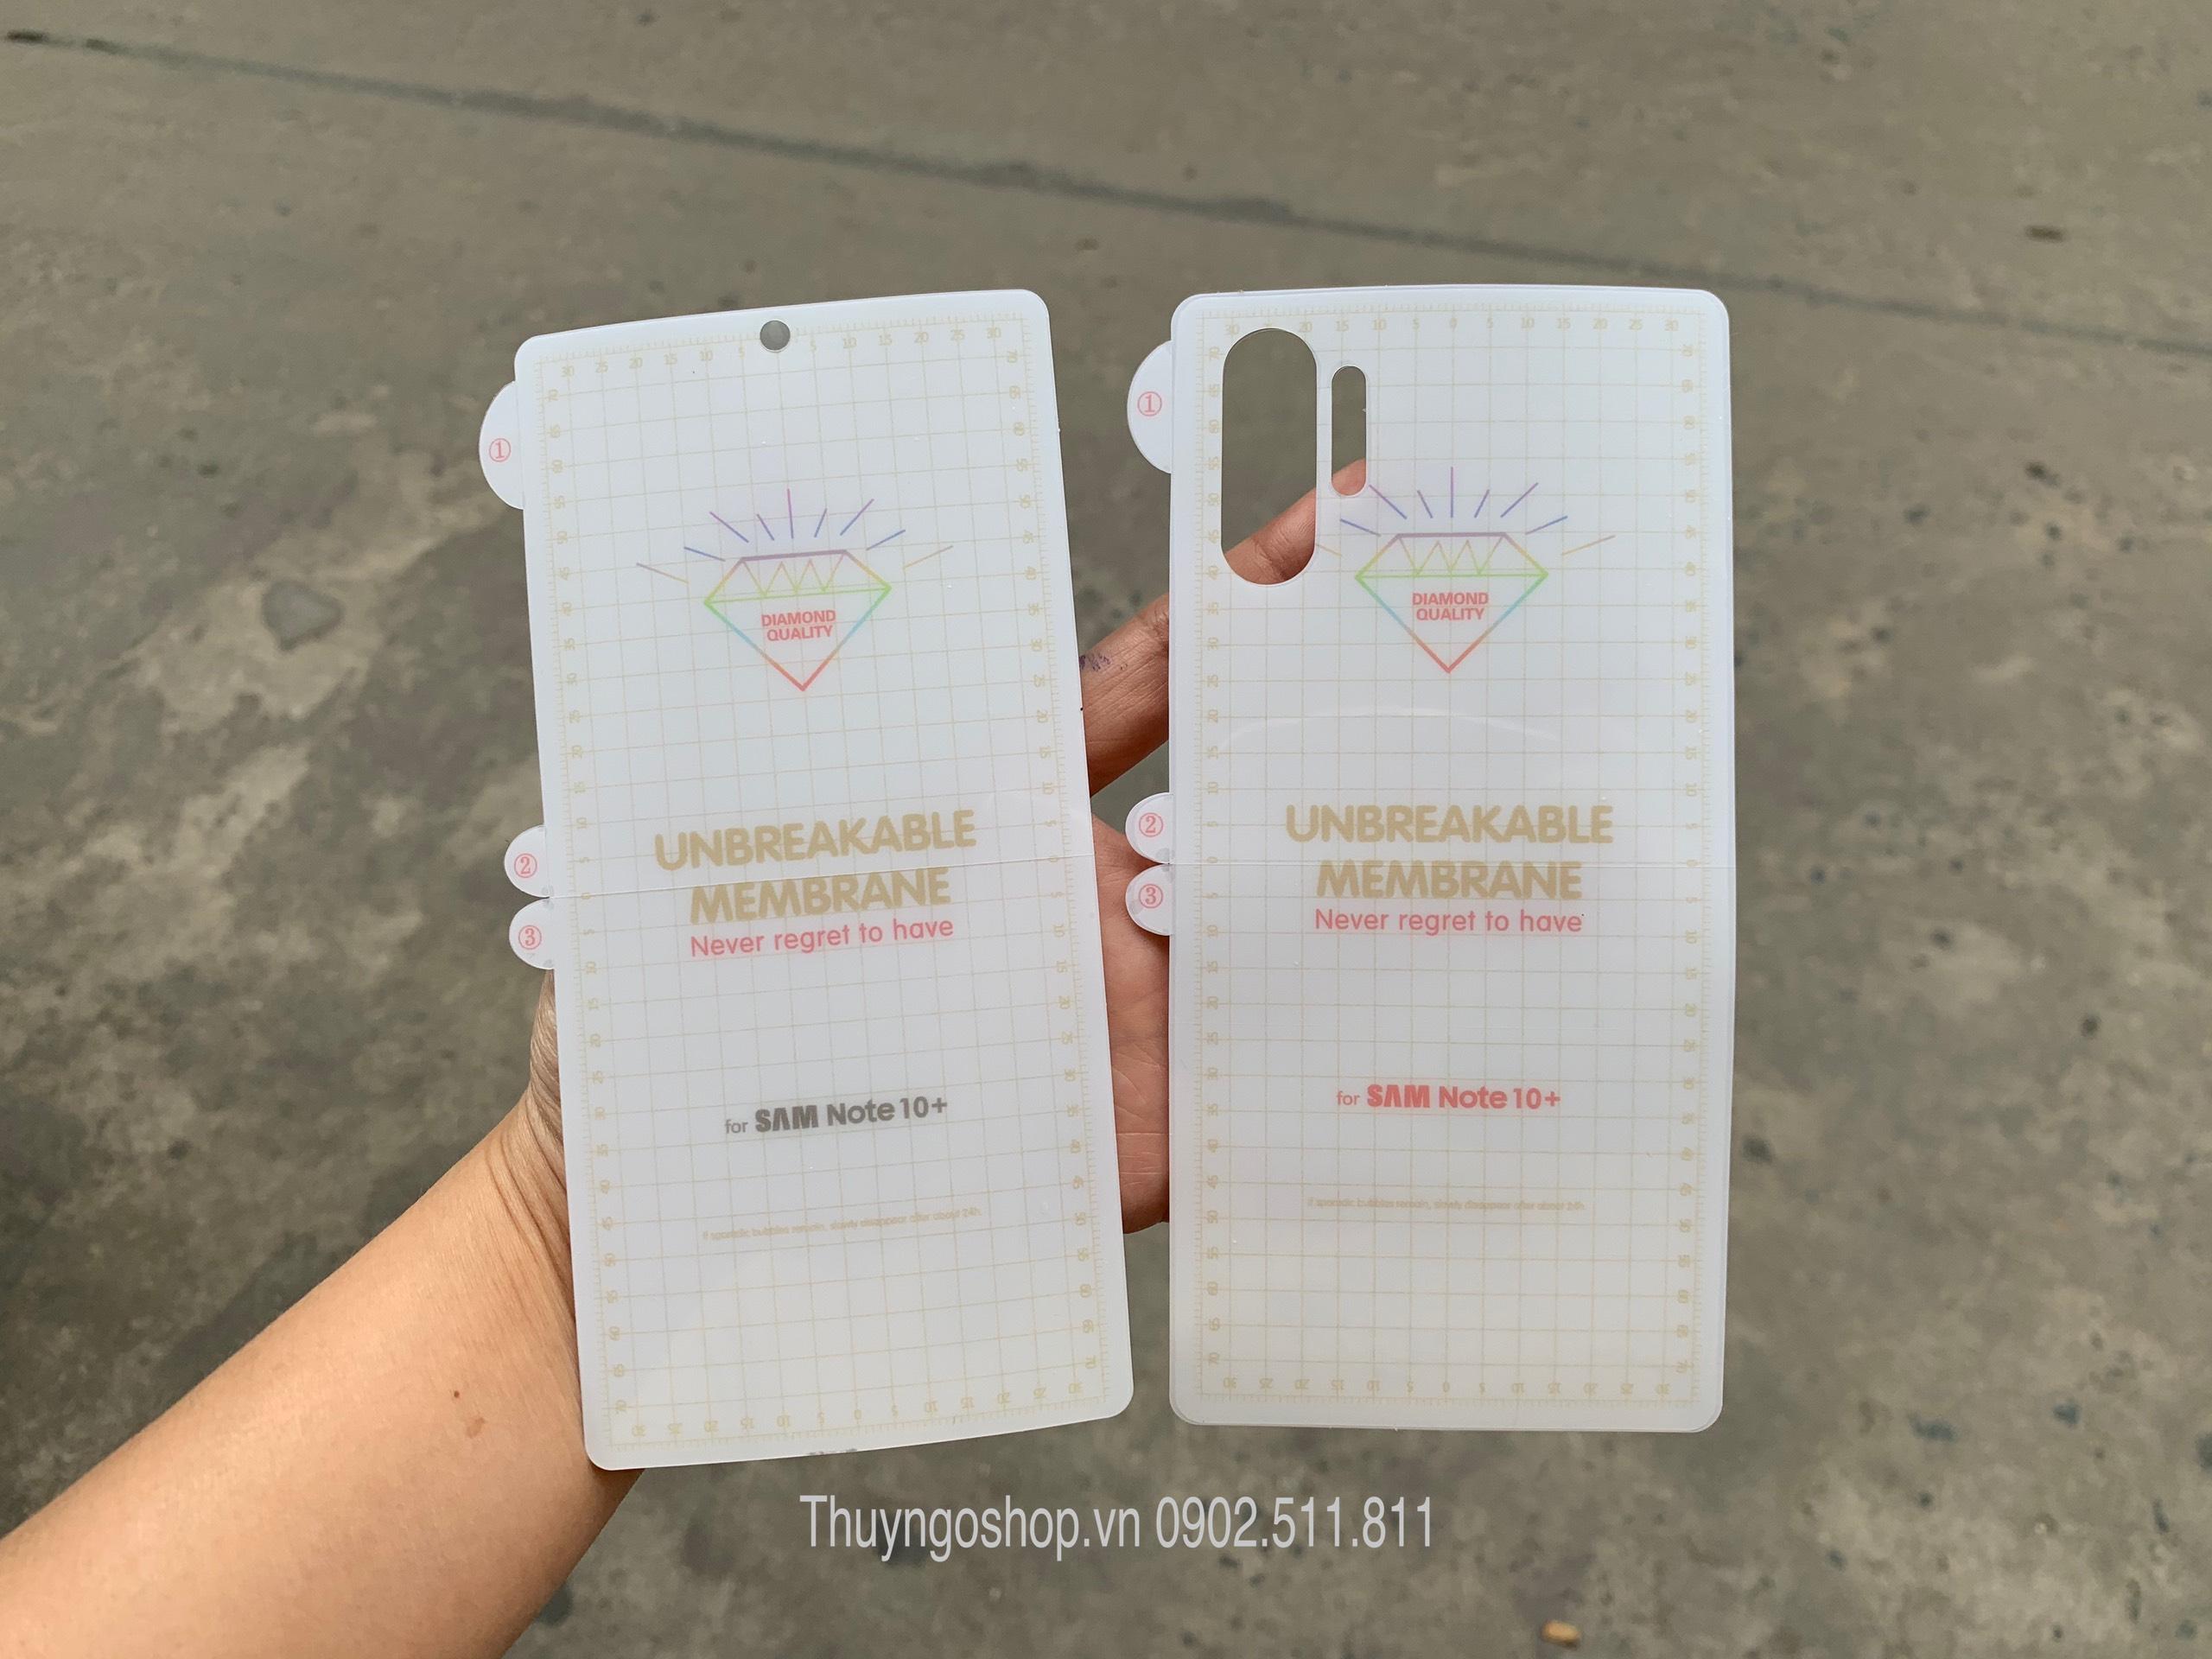 Samsung Note10/Note10 Plus / S10 5G / S10 plus / S10 - Dán dẻo full màn hình , 100% nhận mở khóa vân tay